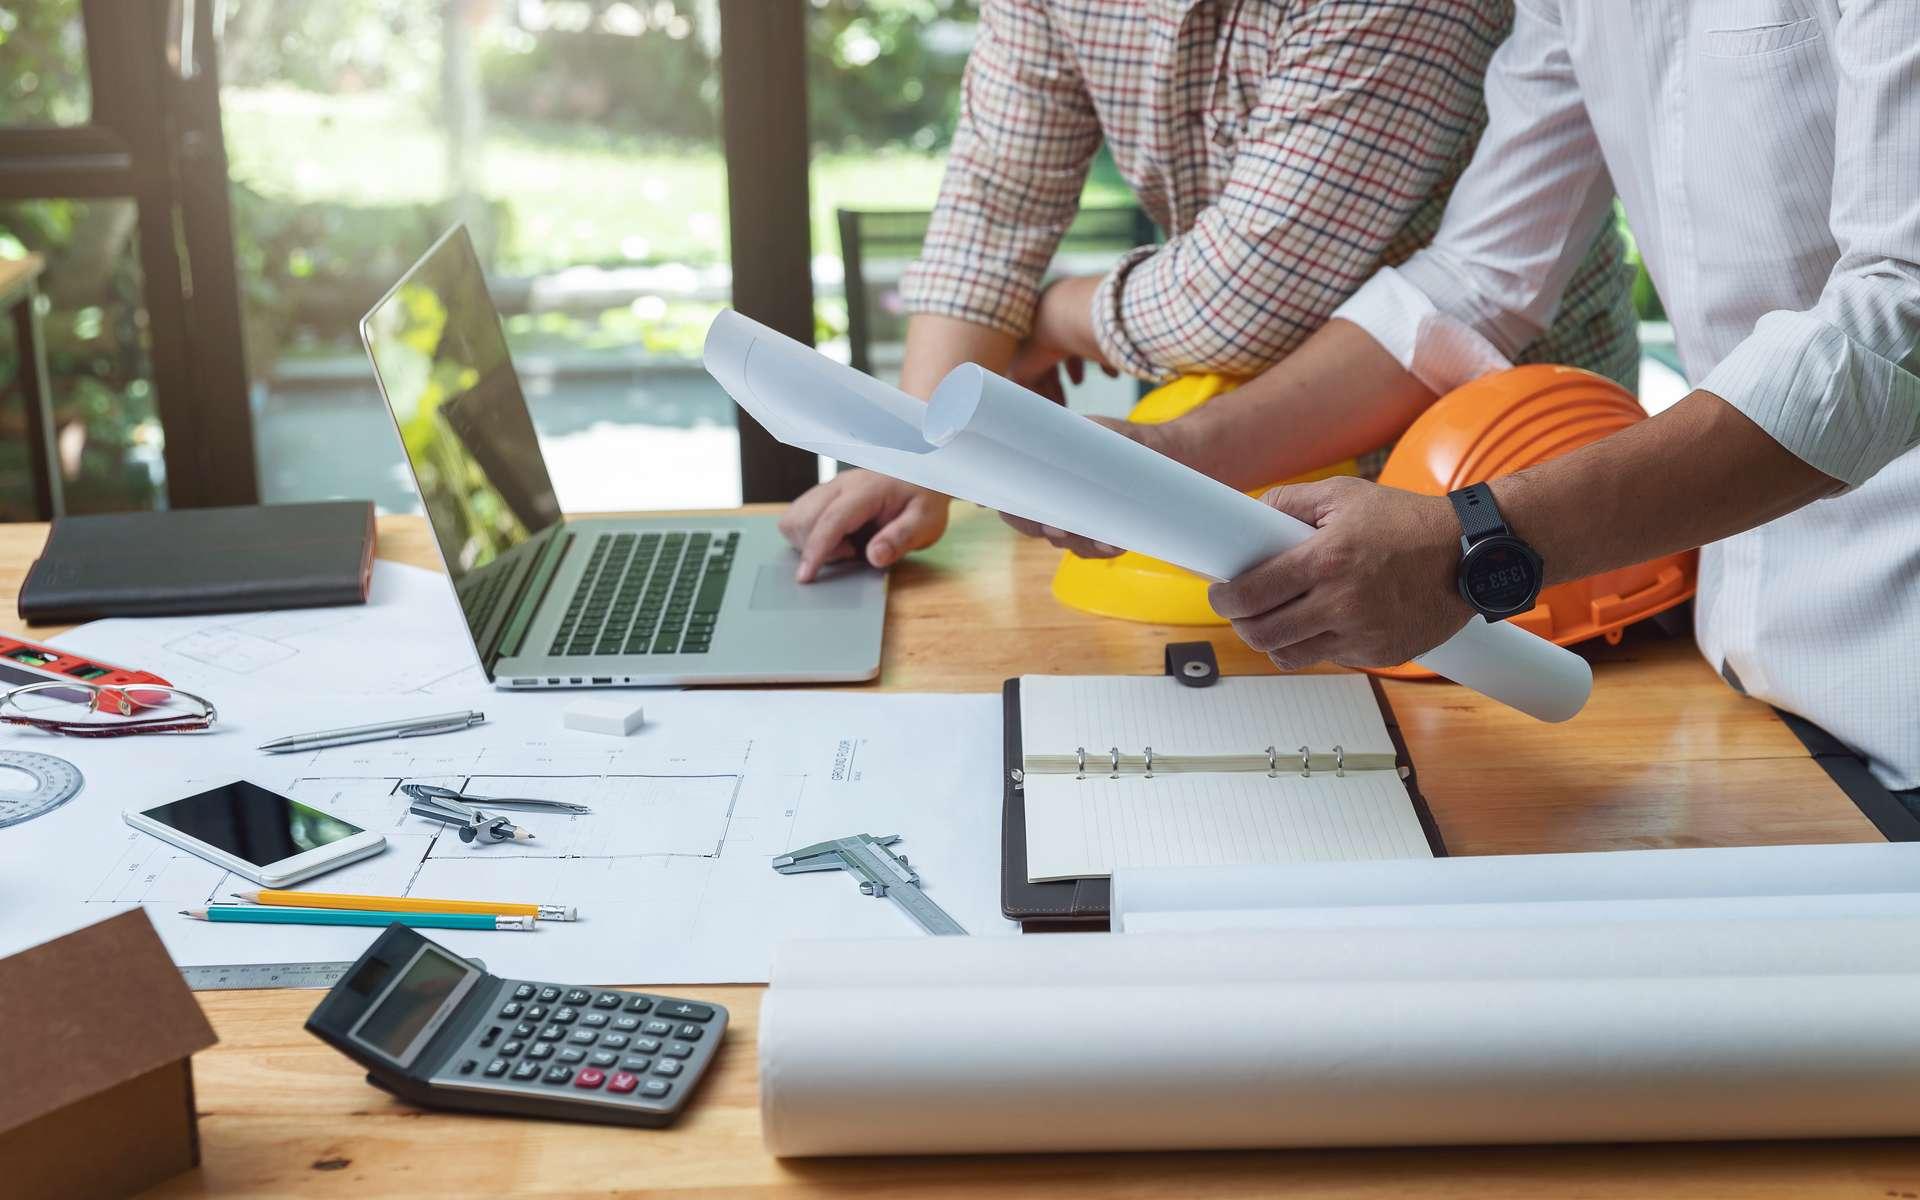 En achetant ces programmes, les investisseurs bénéficieront d'une défiscalisation avantageuse. © jat306, Adobe Stock